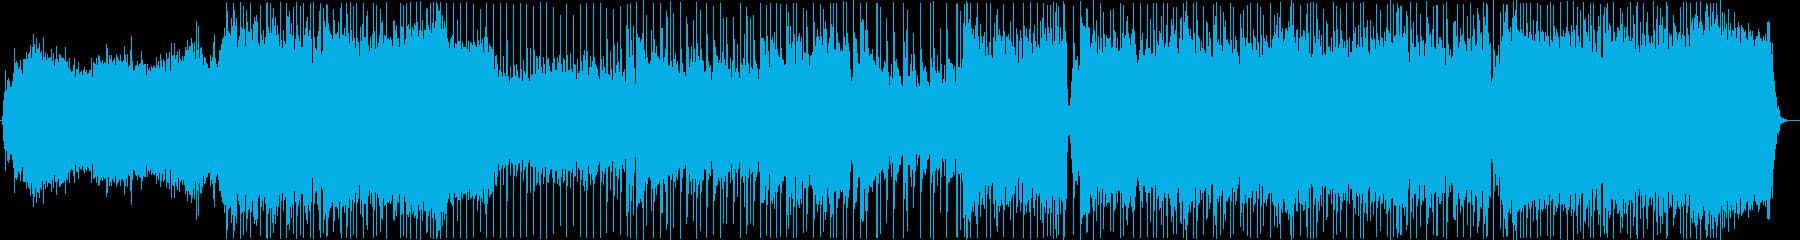 アイドルアニメのオープニング風BGMの再生済みの波形